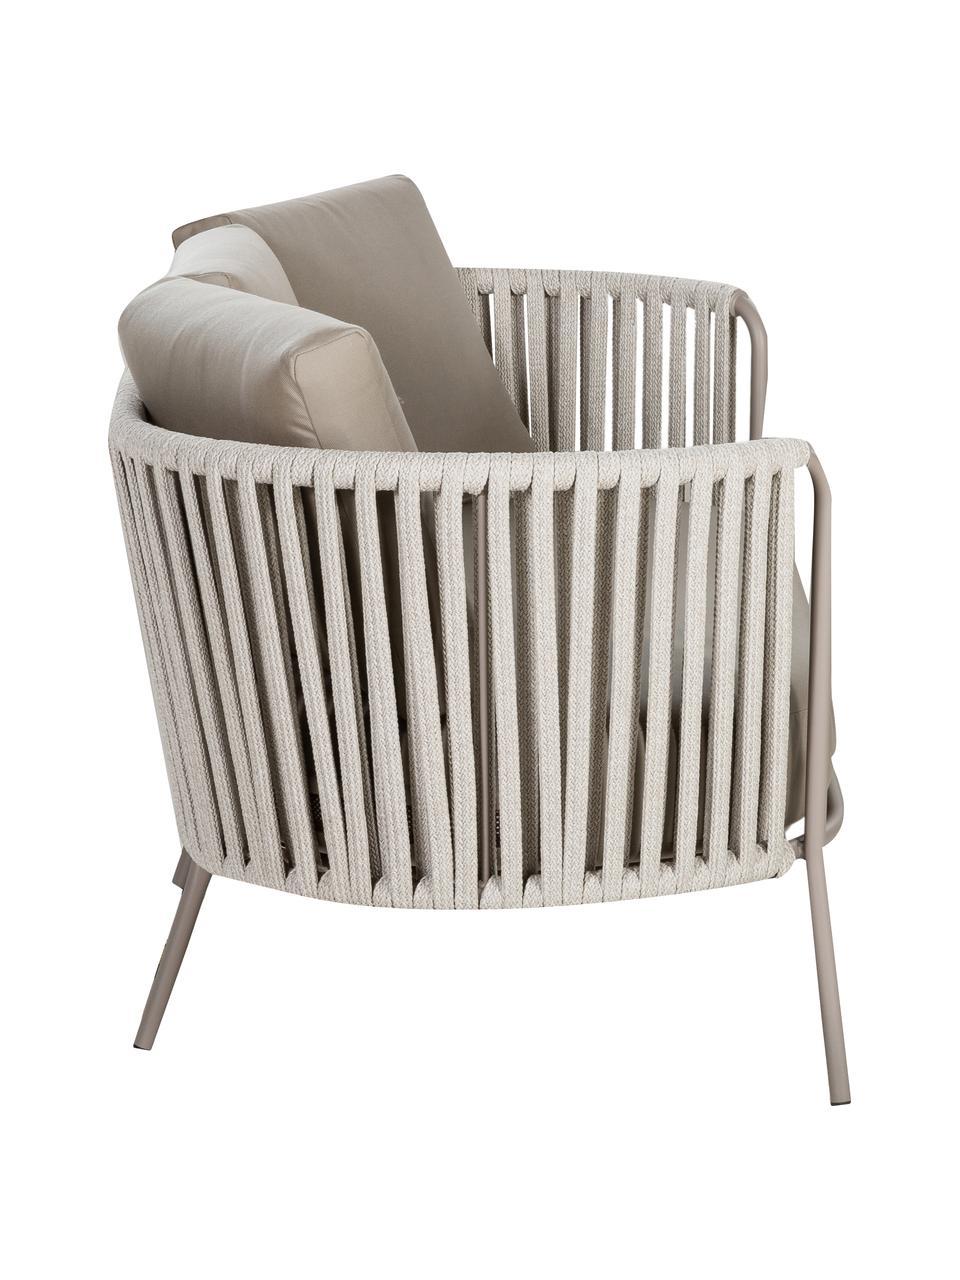 Outdoor loungebank Sunderland (2-zits) met zitkussen, Poten: galvanisch verzink en gep, Bekleding: polyacryl, Taupe, lichttaupe, B 162 x D 73 cm